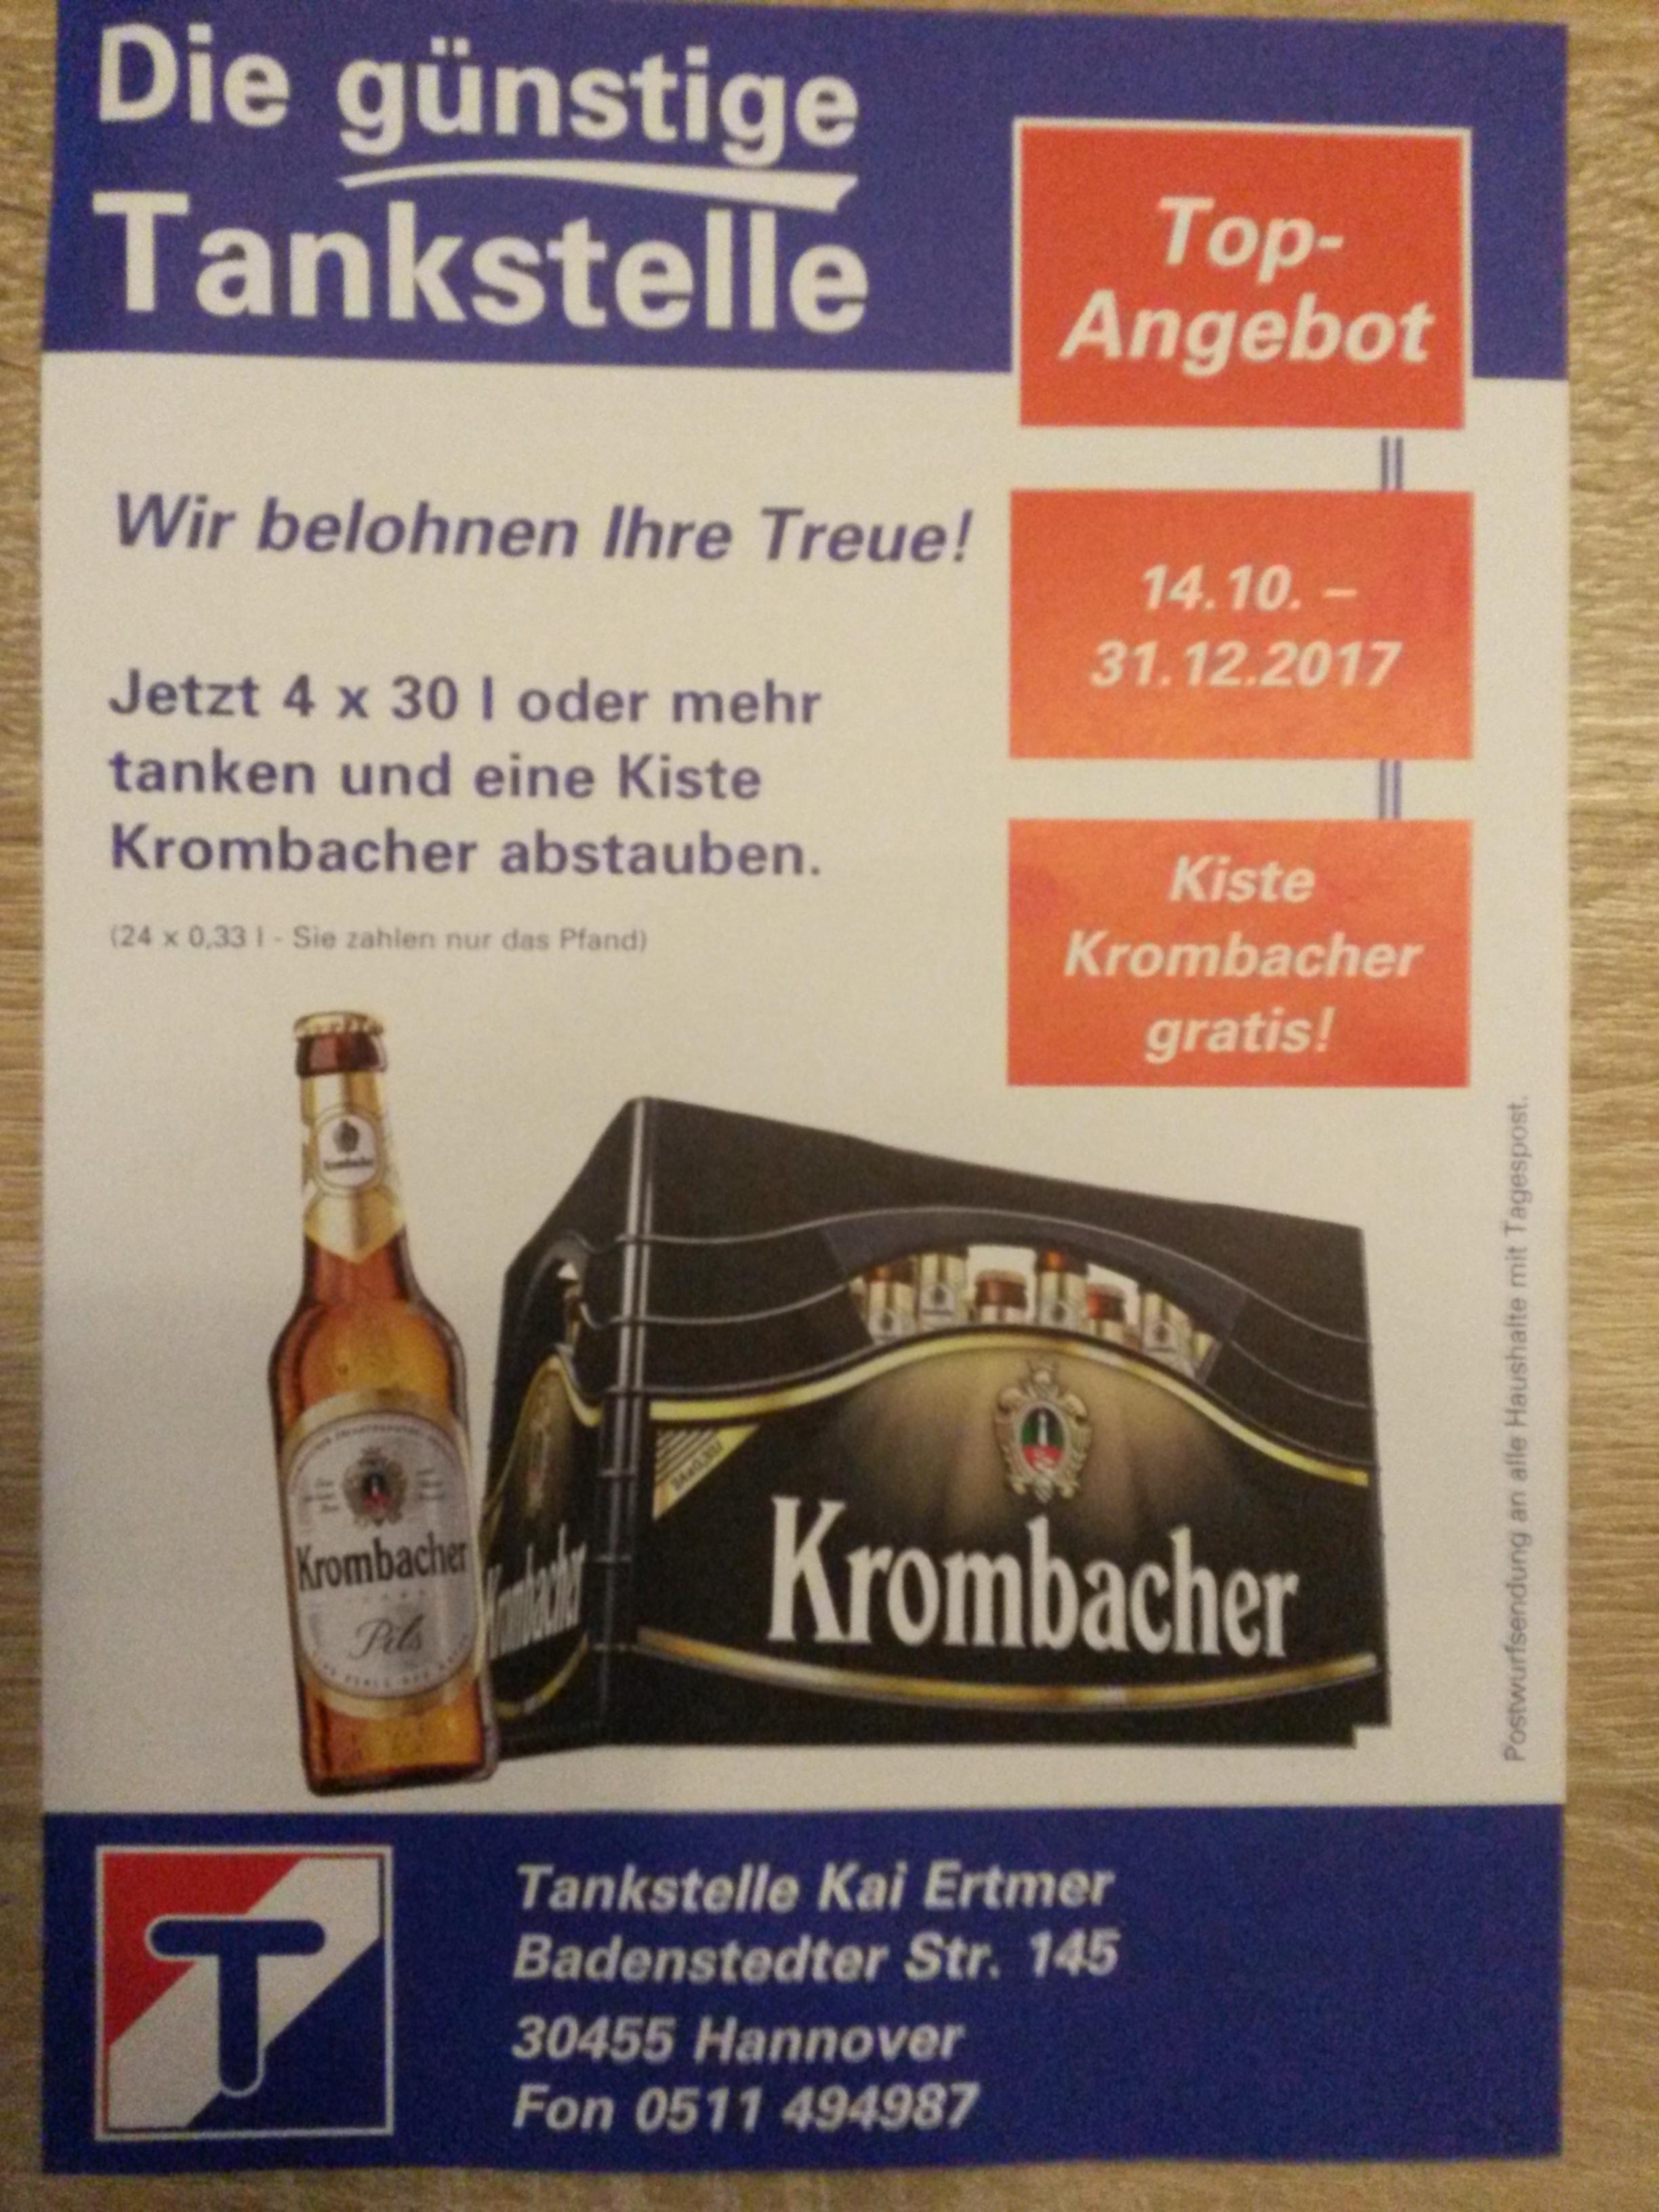 Krombacher Angebote & Deals ⇒ Mai 2018 - mydealz.de